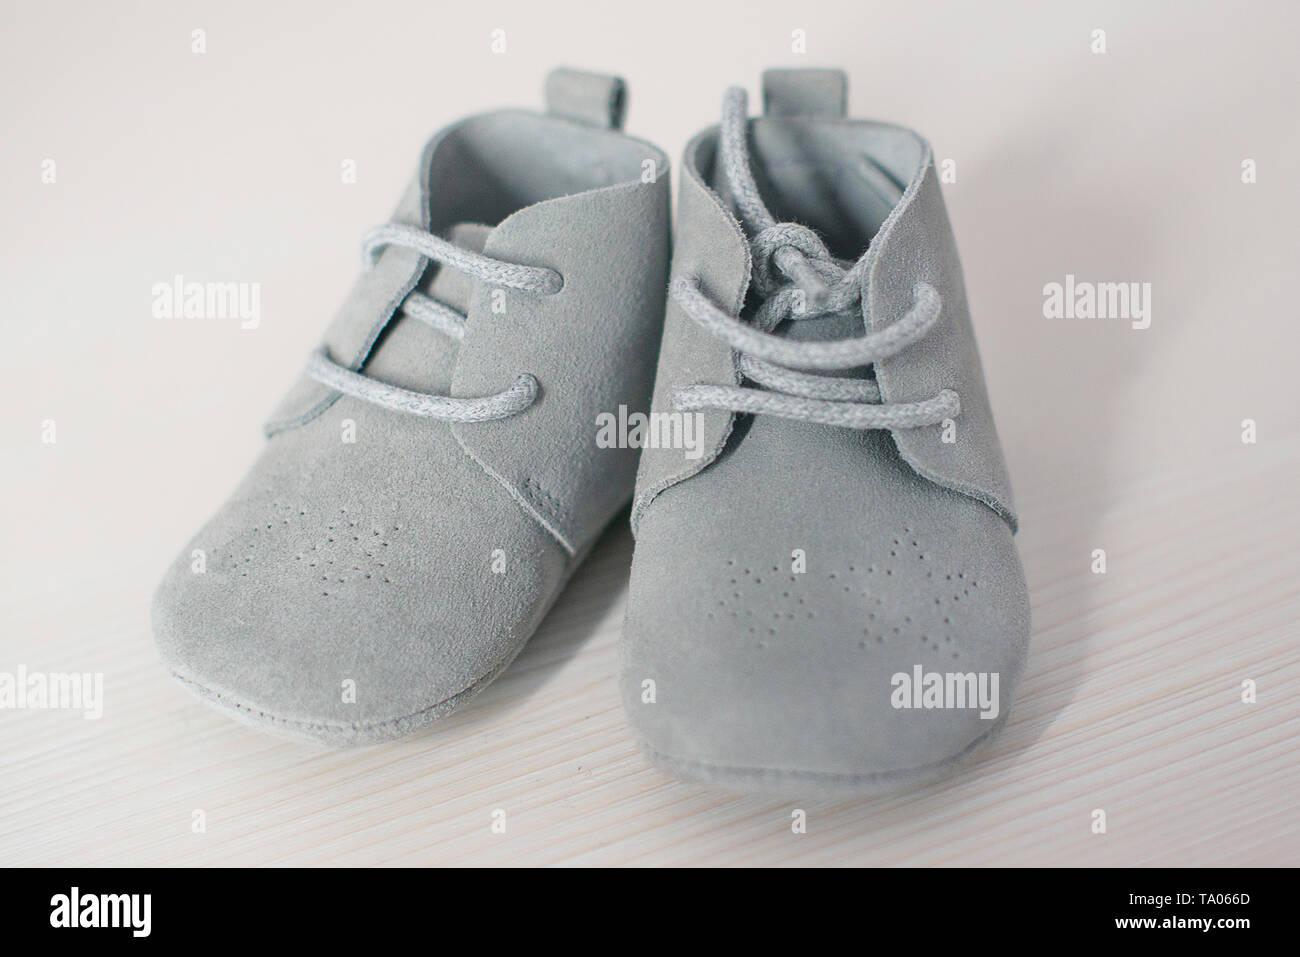 Par aislado de cuero gamuza azul Baby Shoes, niño lindo lace-up calzado suela blanda del niño, prendas de vestir y accesorios de moda Imagen De Stock